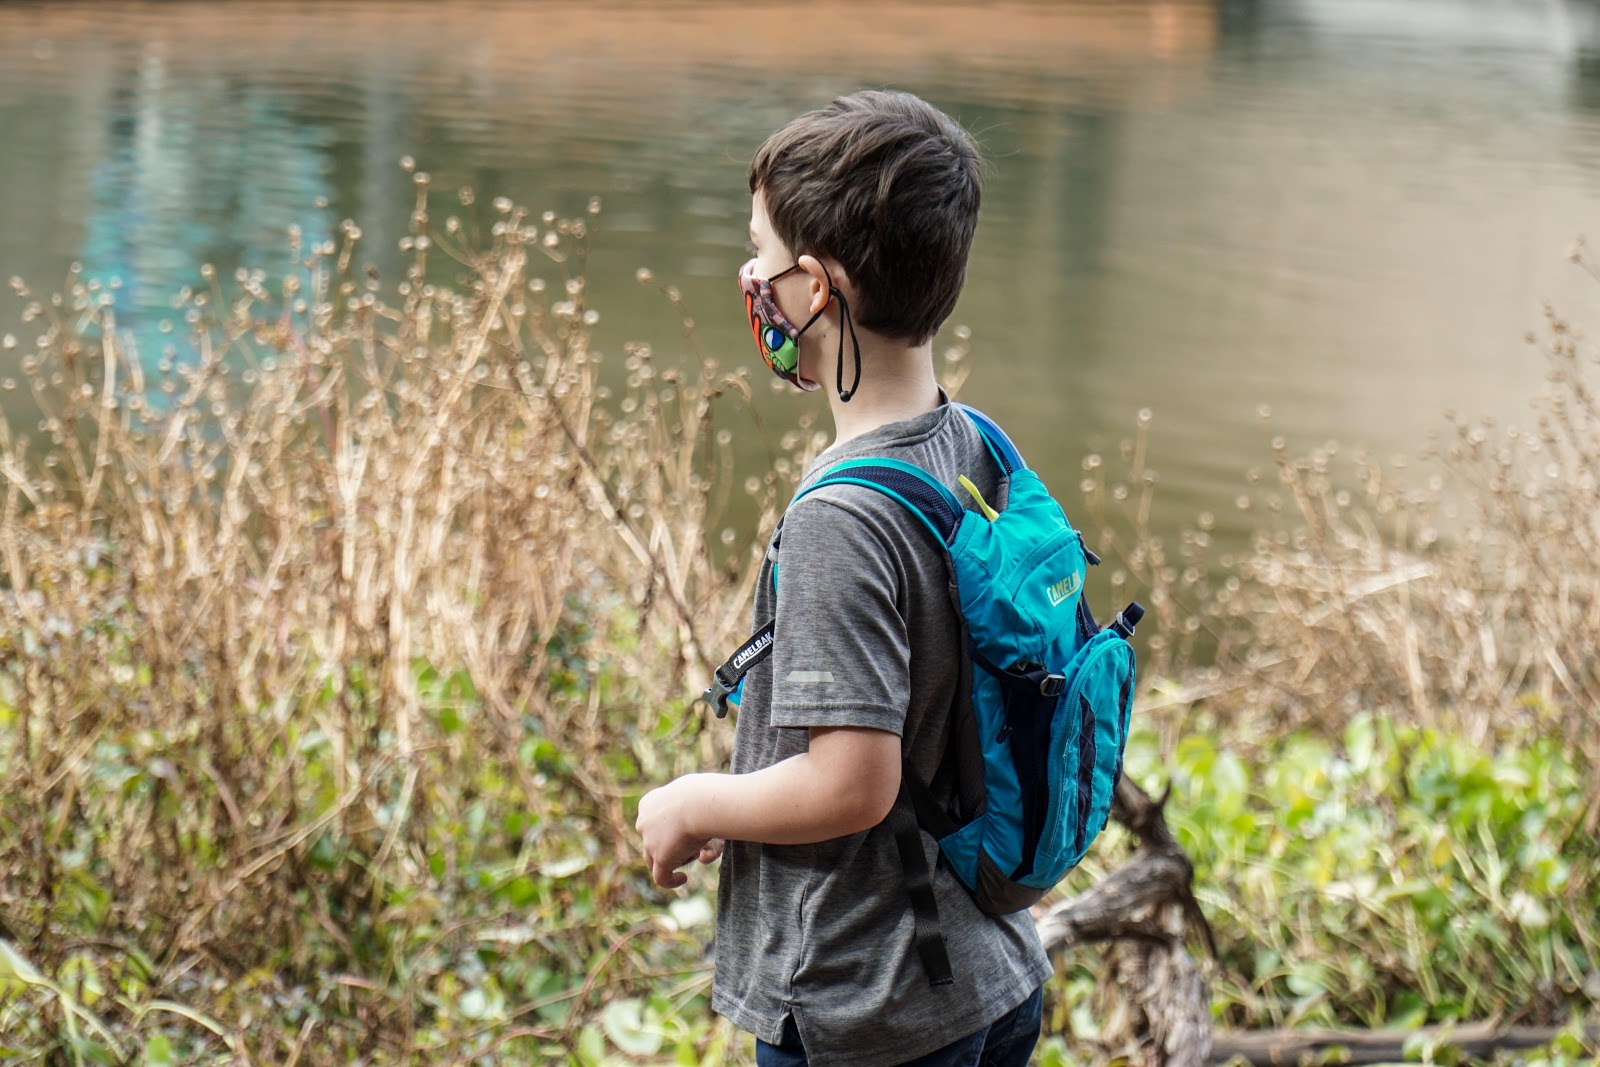 Educación ambiental para niños